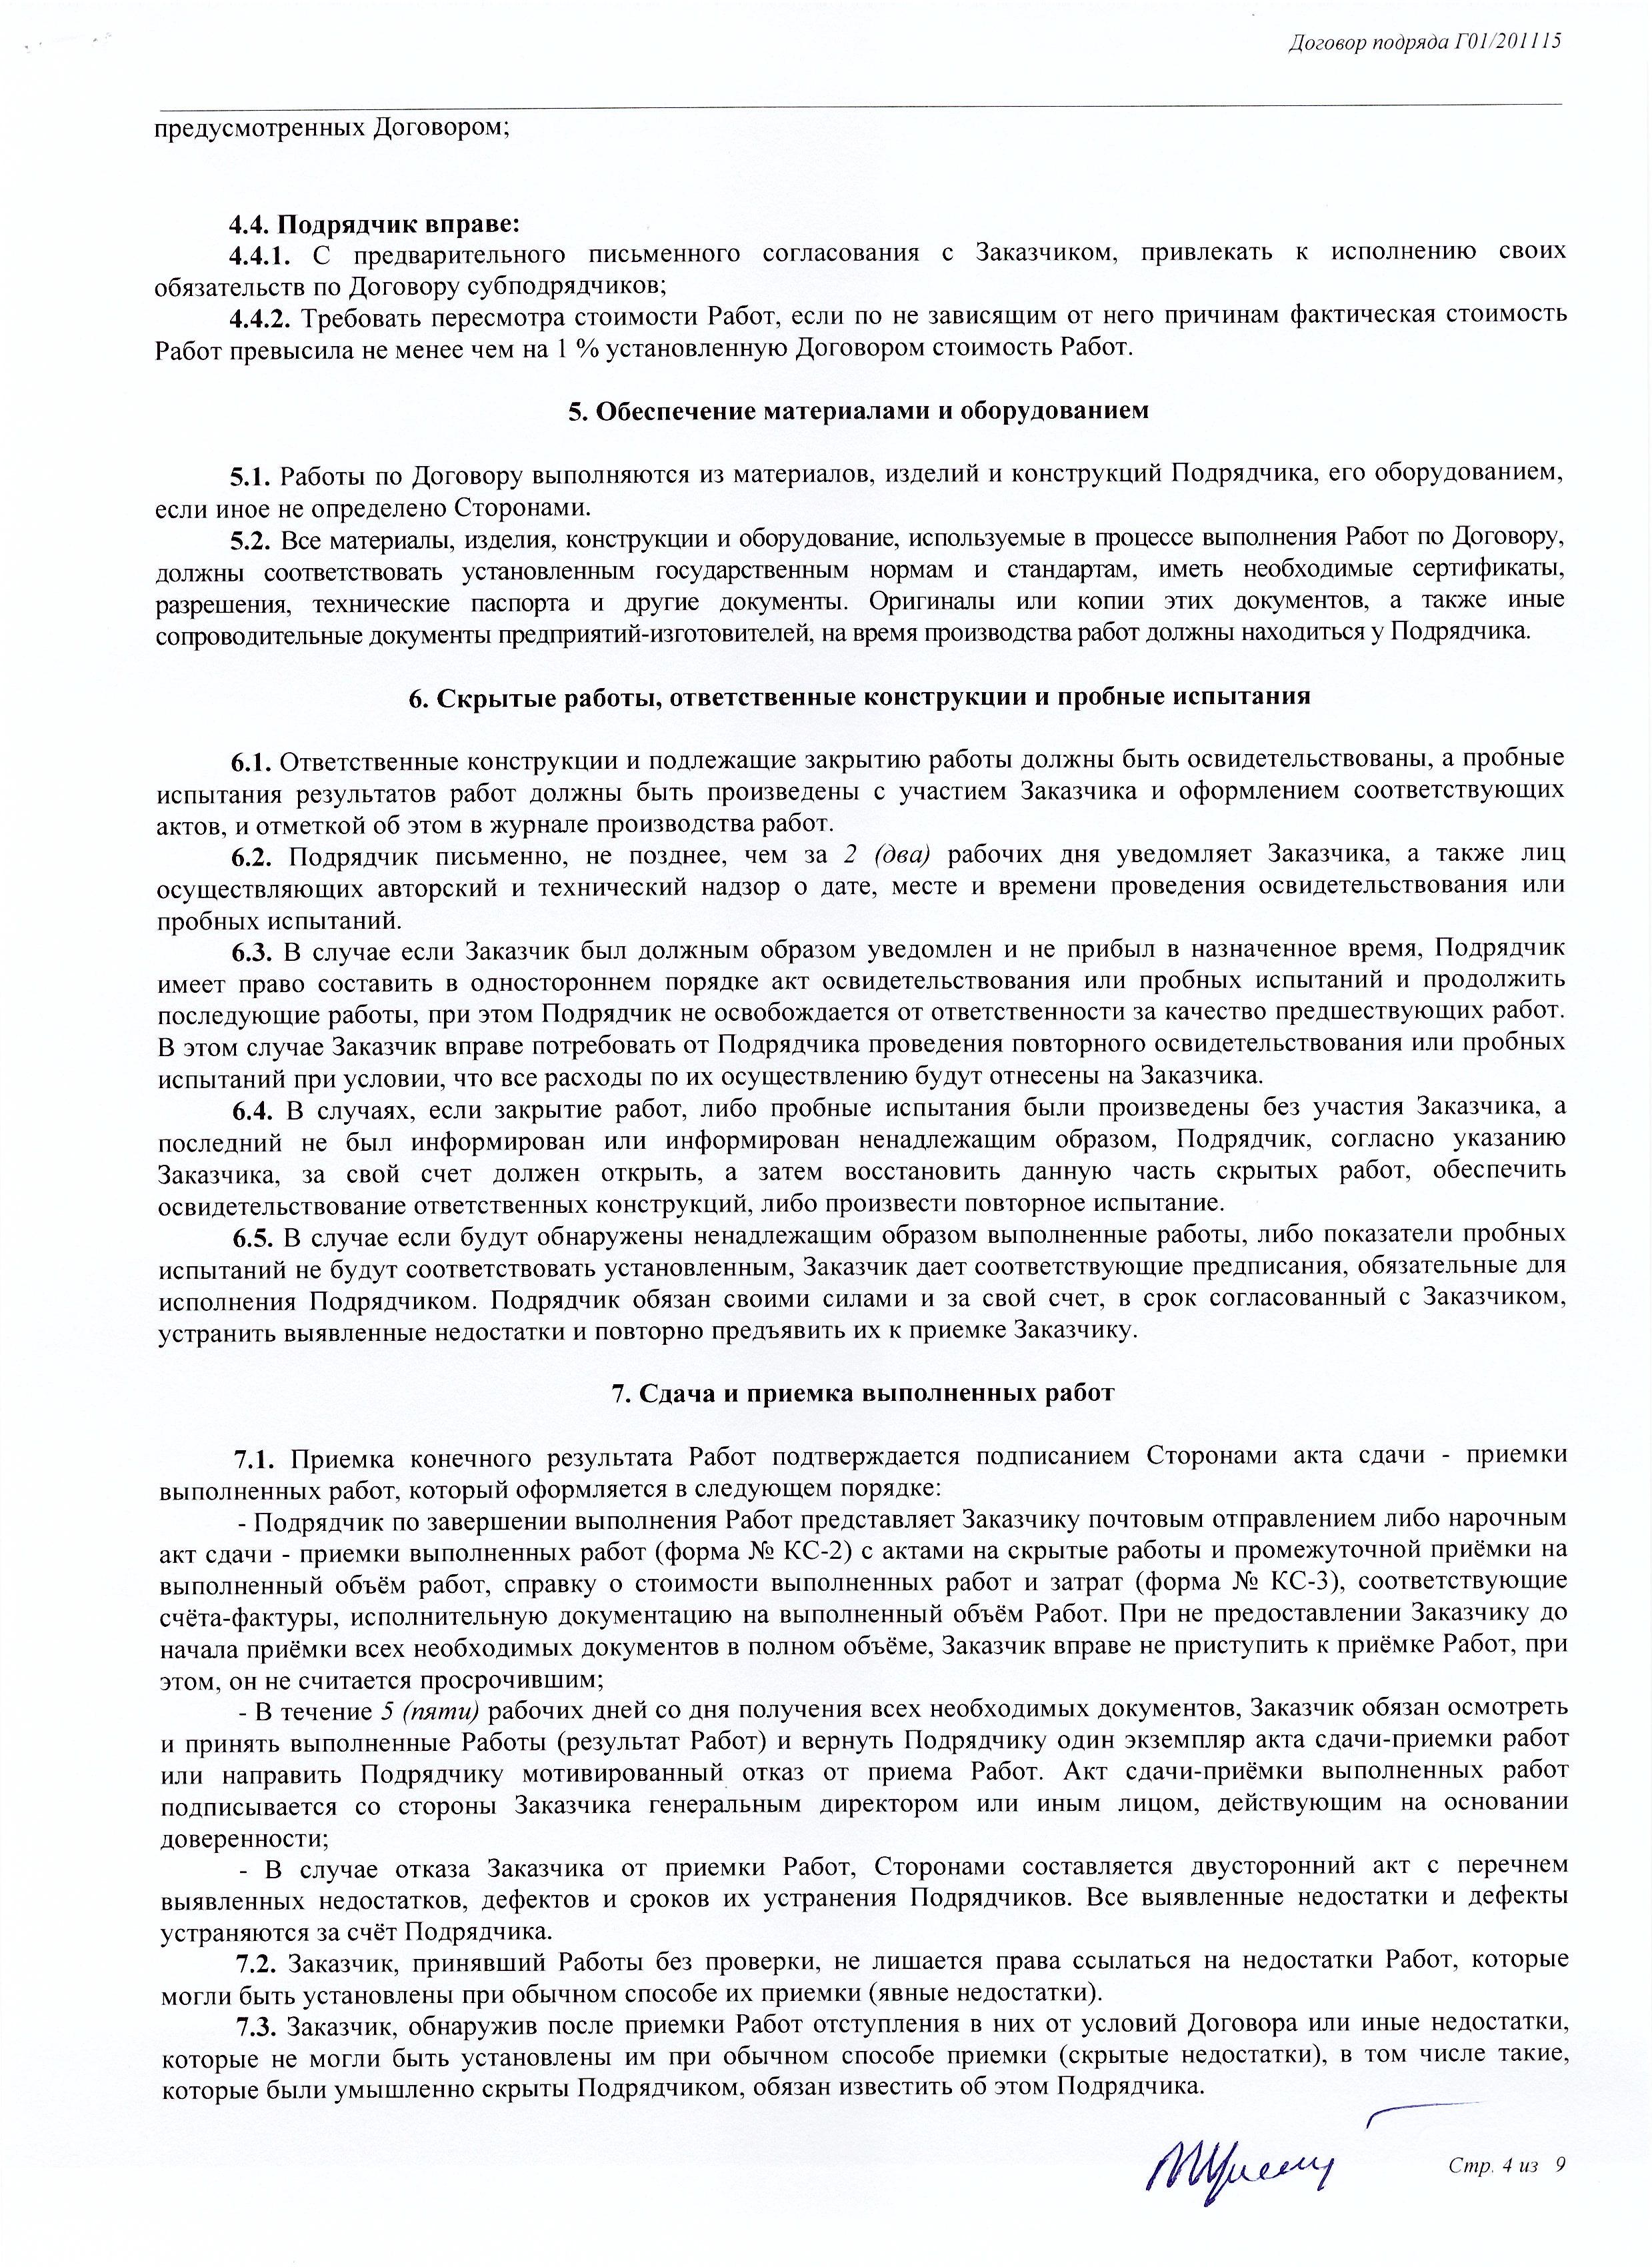 http://s2.uploads.ru/RsUWv.png